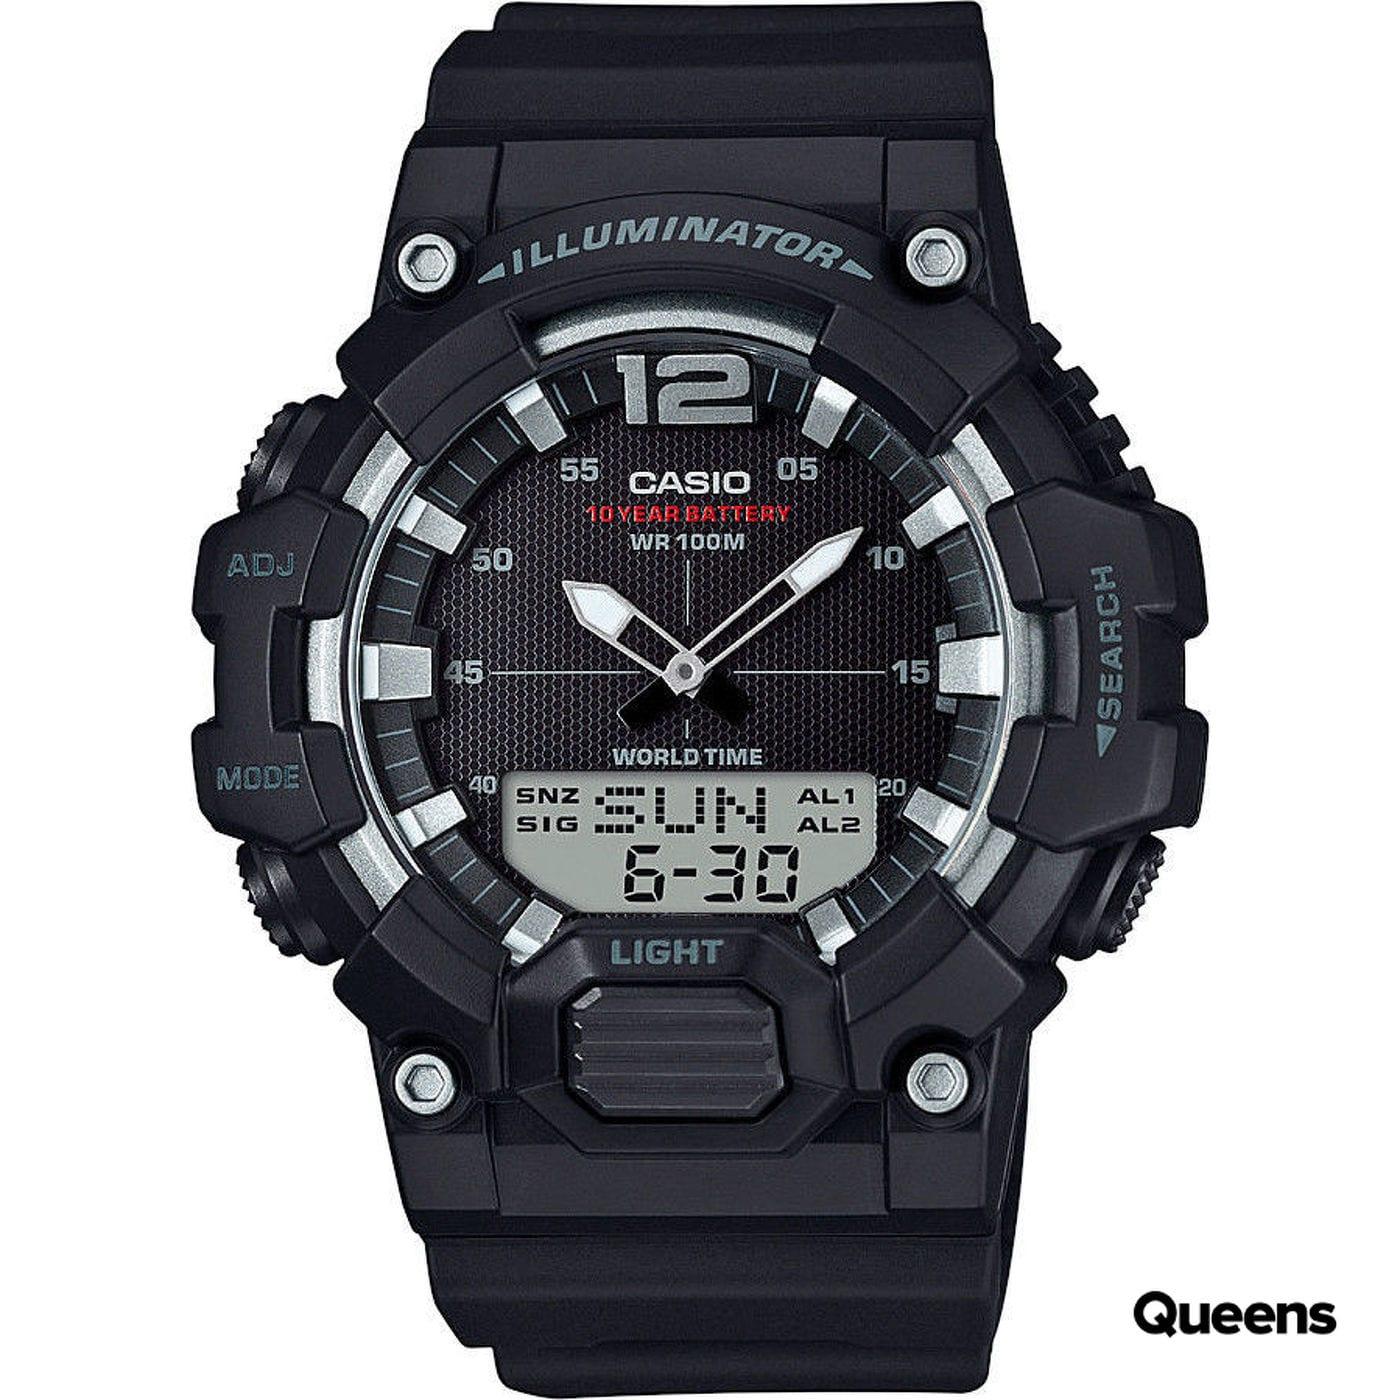 Casio HDC 700-1AVEF puma black